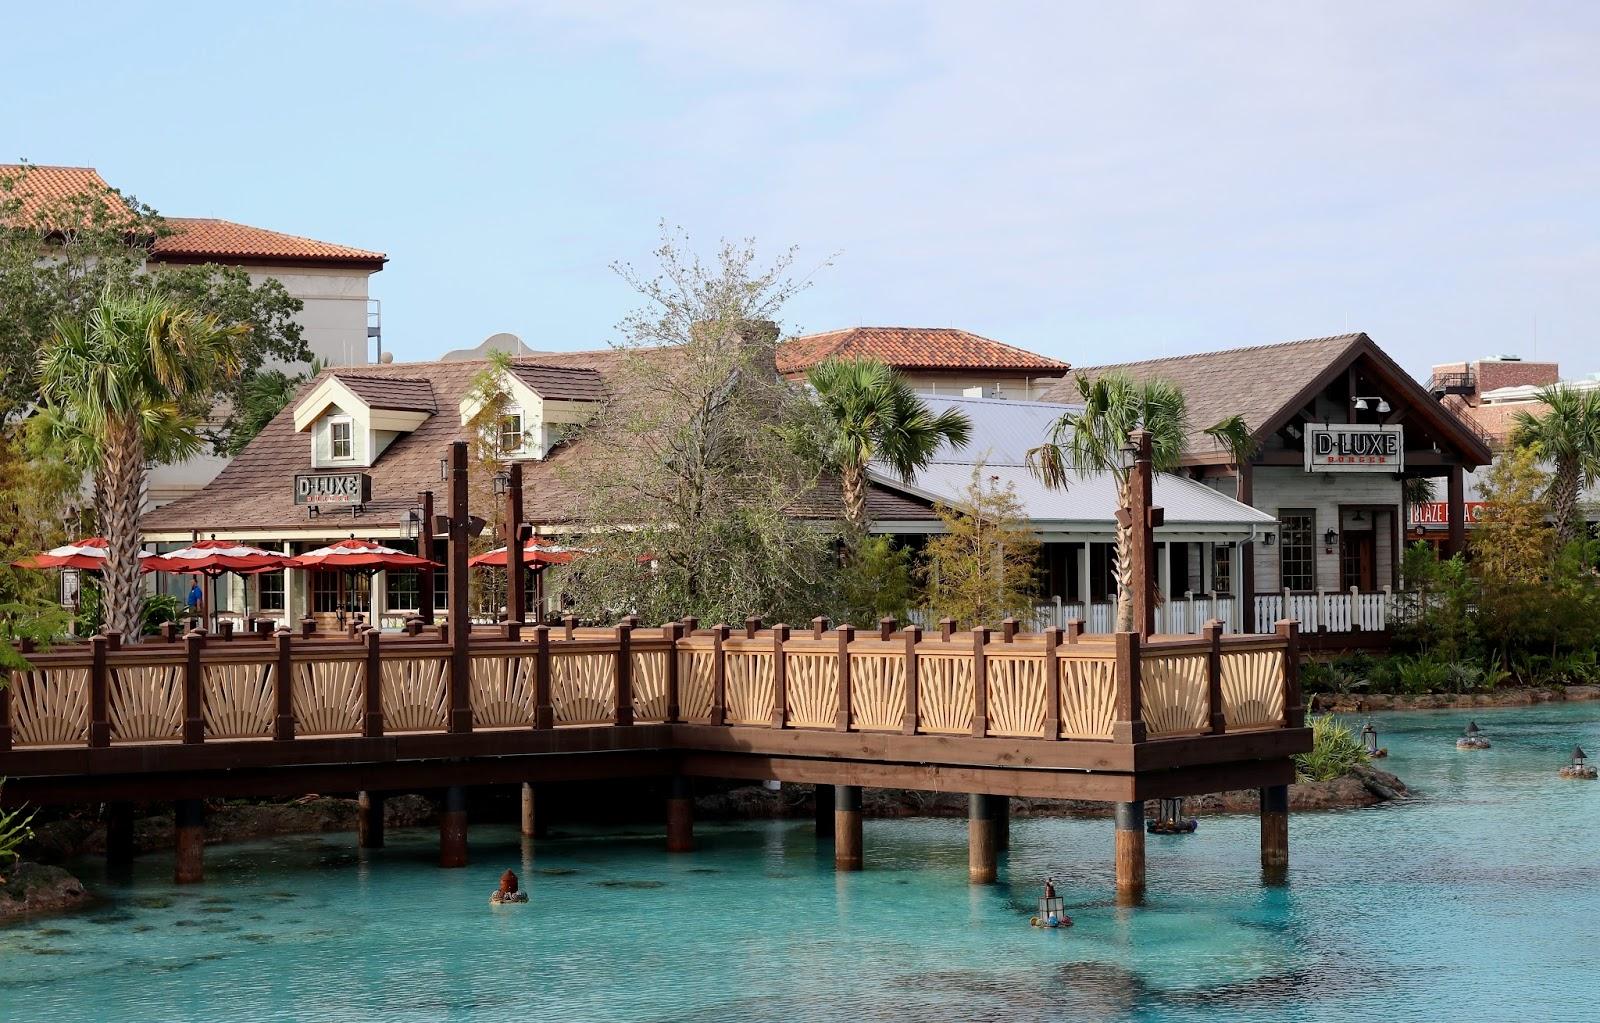 D-Luxe-Restaurant-Disney-Springs-Orlando-Florida